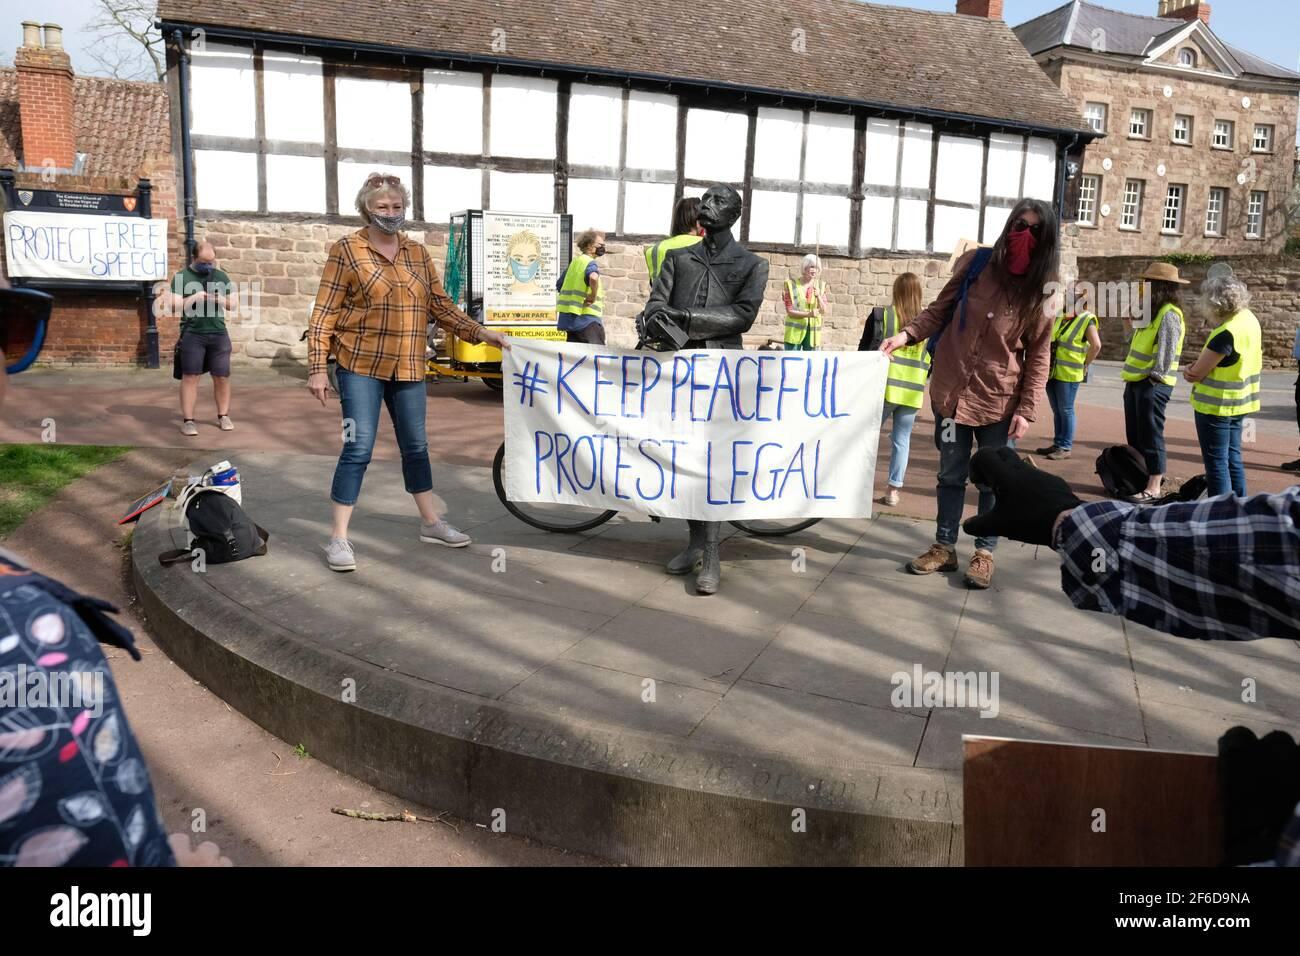 Hereford, Herefordshire, Reino Unido – Miércoles 31st de marzo de 2021 – los manifestantes se manifiestan sobre el verde de la catedral contra el nuevo proyecto de ley de policía, crimen, sentencia y tribunales ( PCSC ), que consideran que limitará sus derechos a la protesta legal. Foto Steven May / Alamy Live News Foto de stock